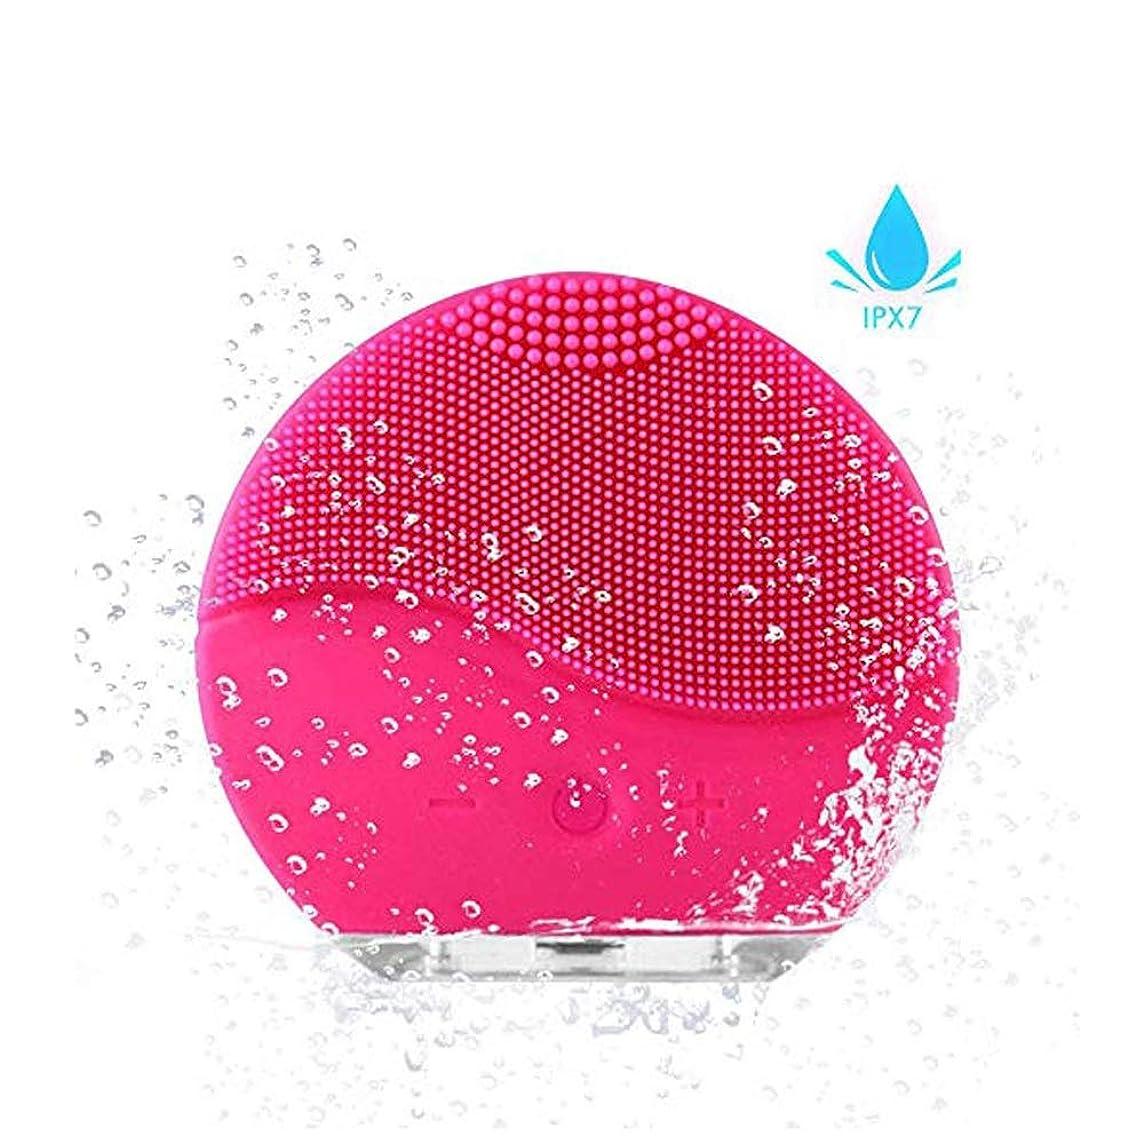 修正する正当化するバクテリア洗顔用フェイスブラシ ディープクレンジングスキンケア用フェイシャルクレンジングブラシ、防水シリコンフェイシャルクリーナーおよびMasagerエレクトリッククレンジングシステム